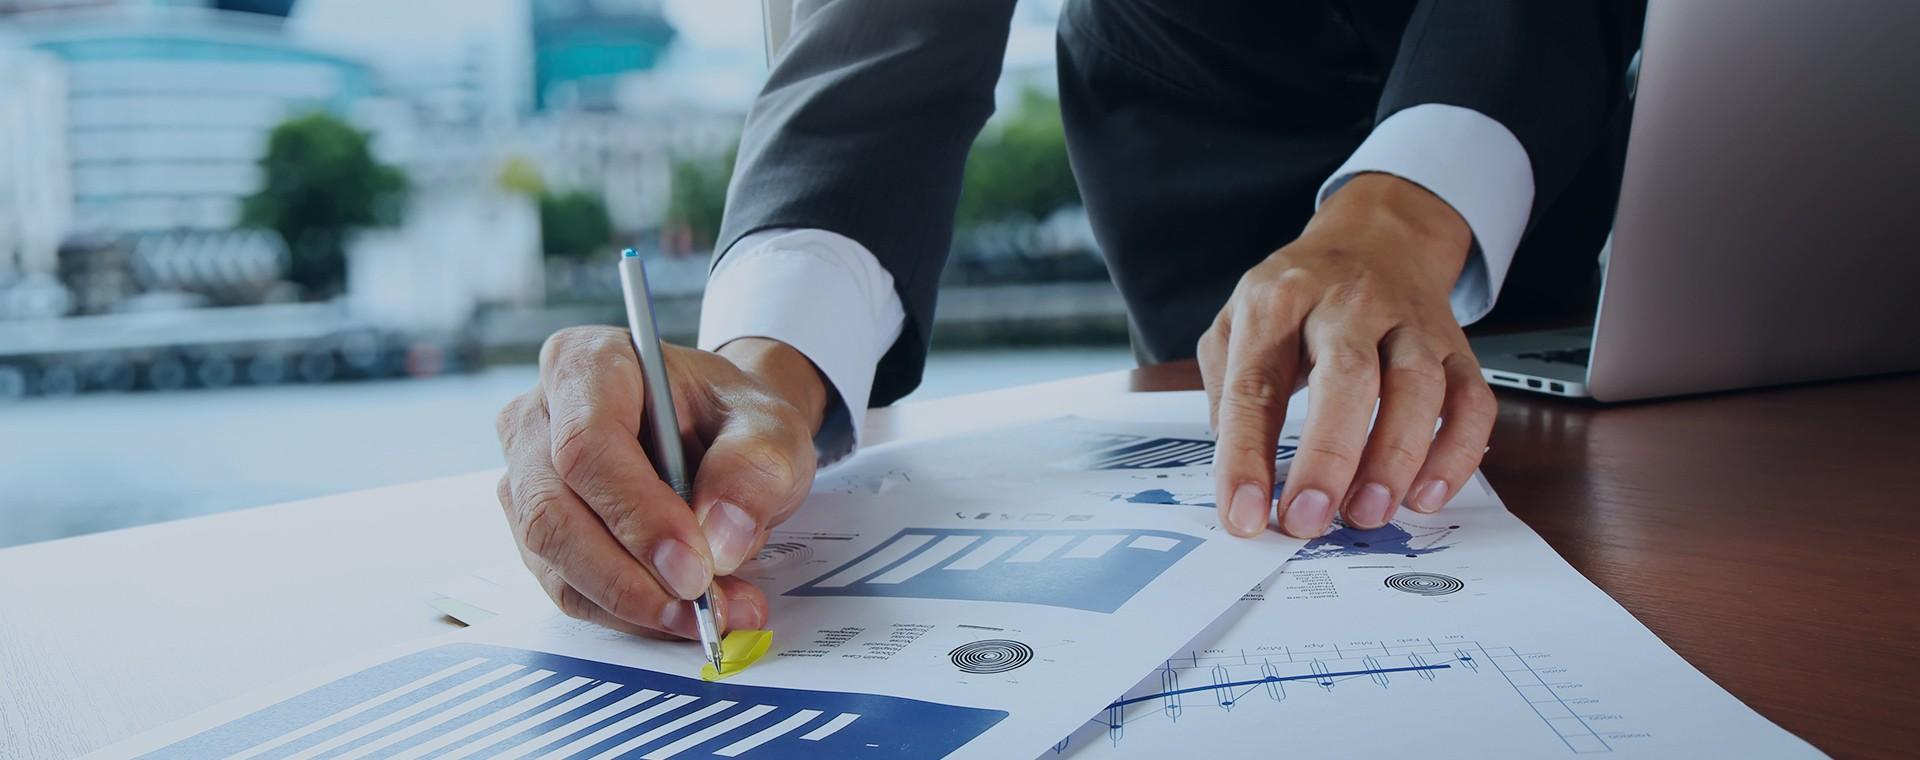 Üretici işletmeler için üretim gerçekleştiren işletme hangisidir?